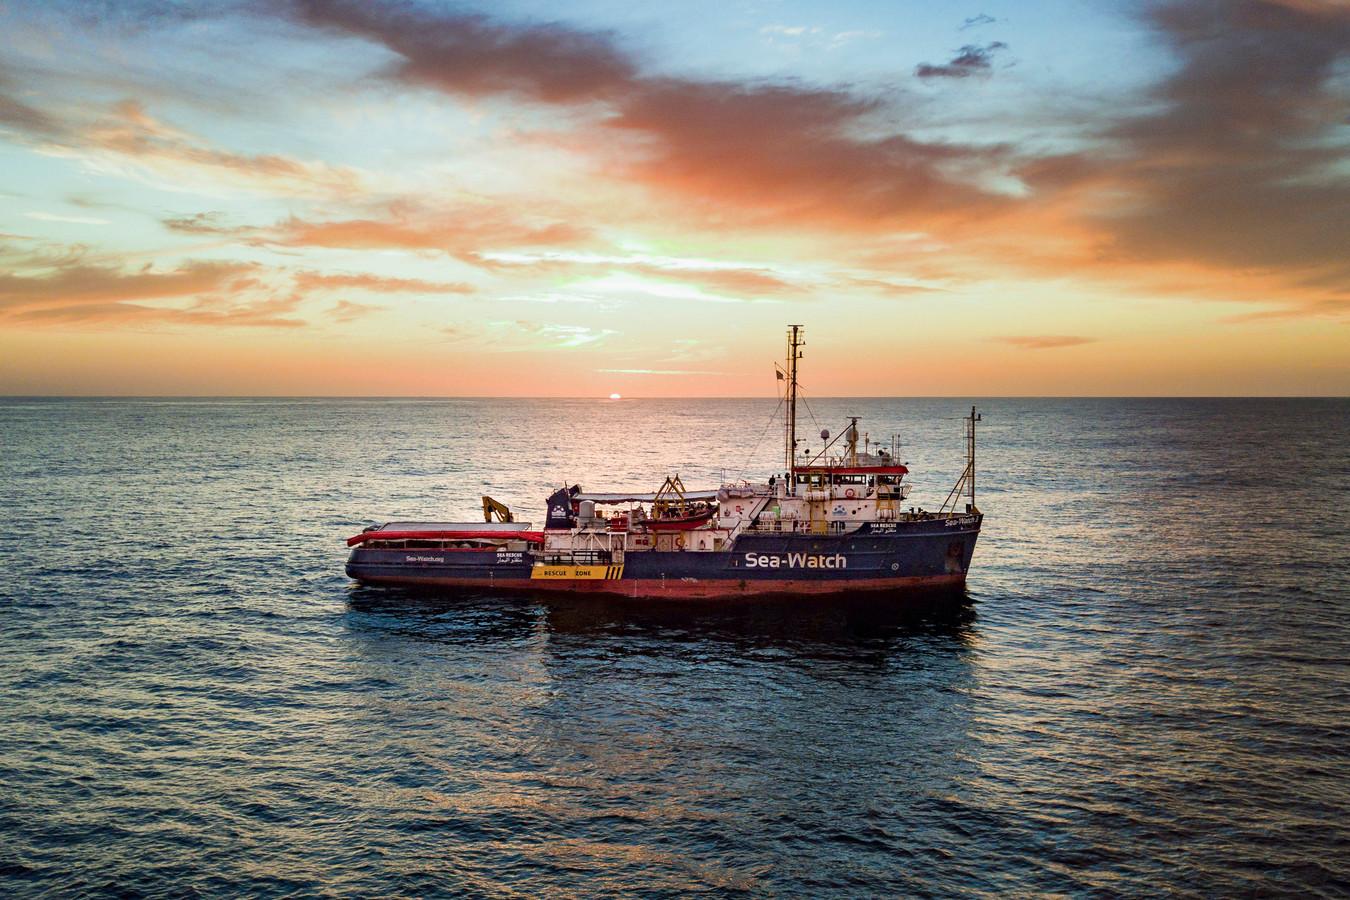 De Sea Watch op de Middellandse Zee.